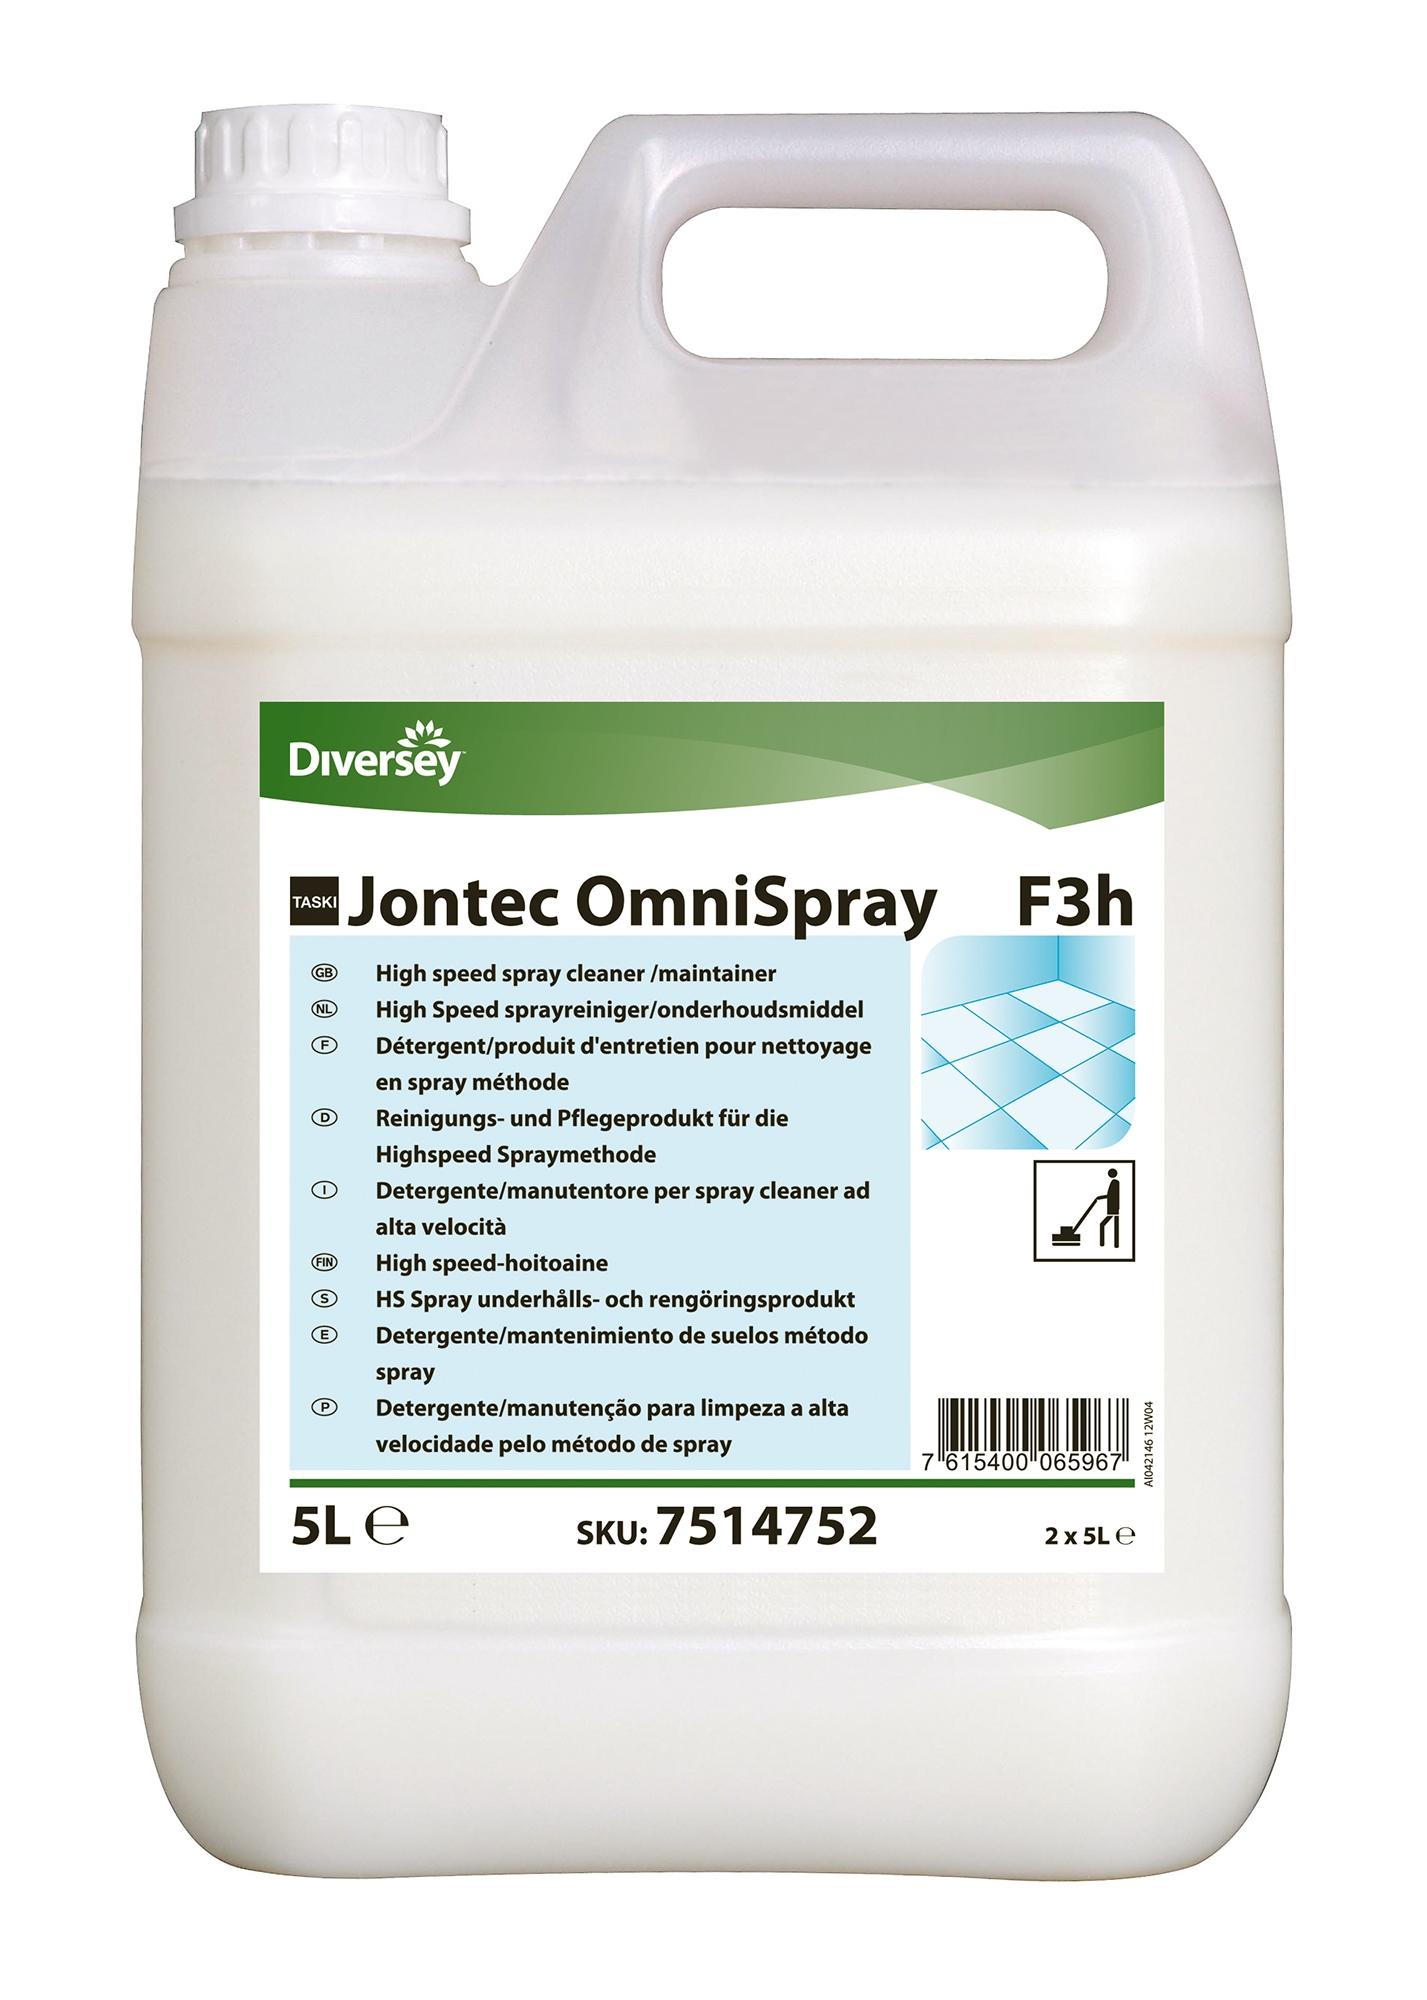 Taski Jontec Omnispray Diversey F3h 2x5l